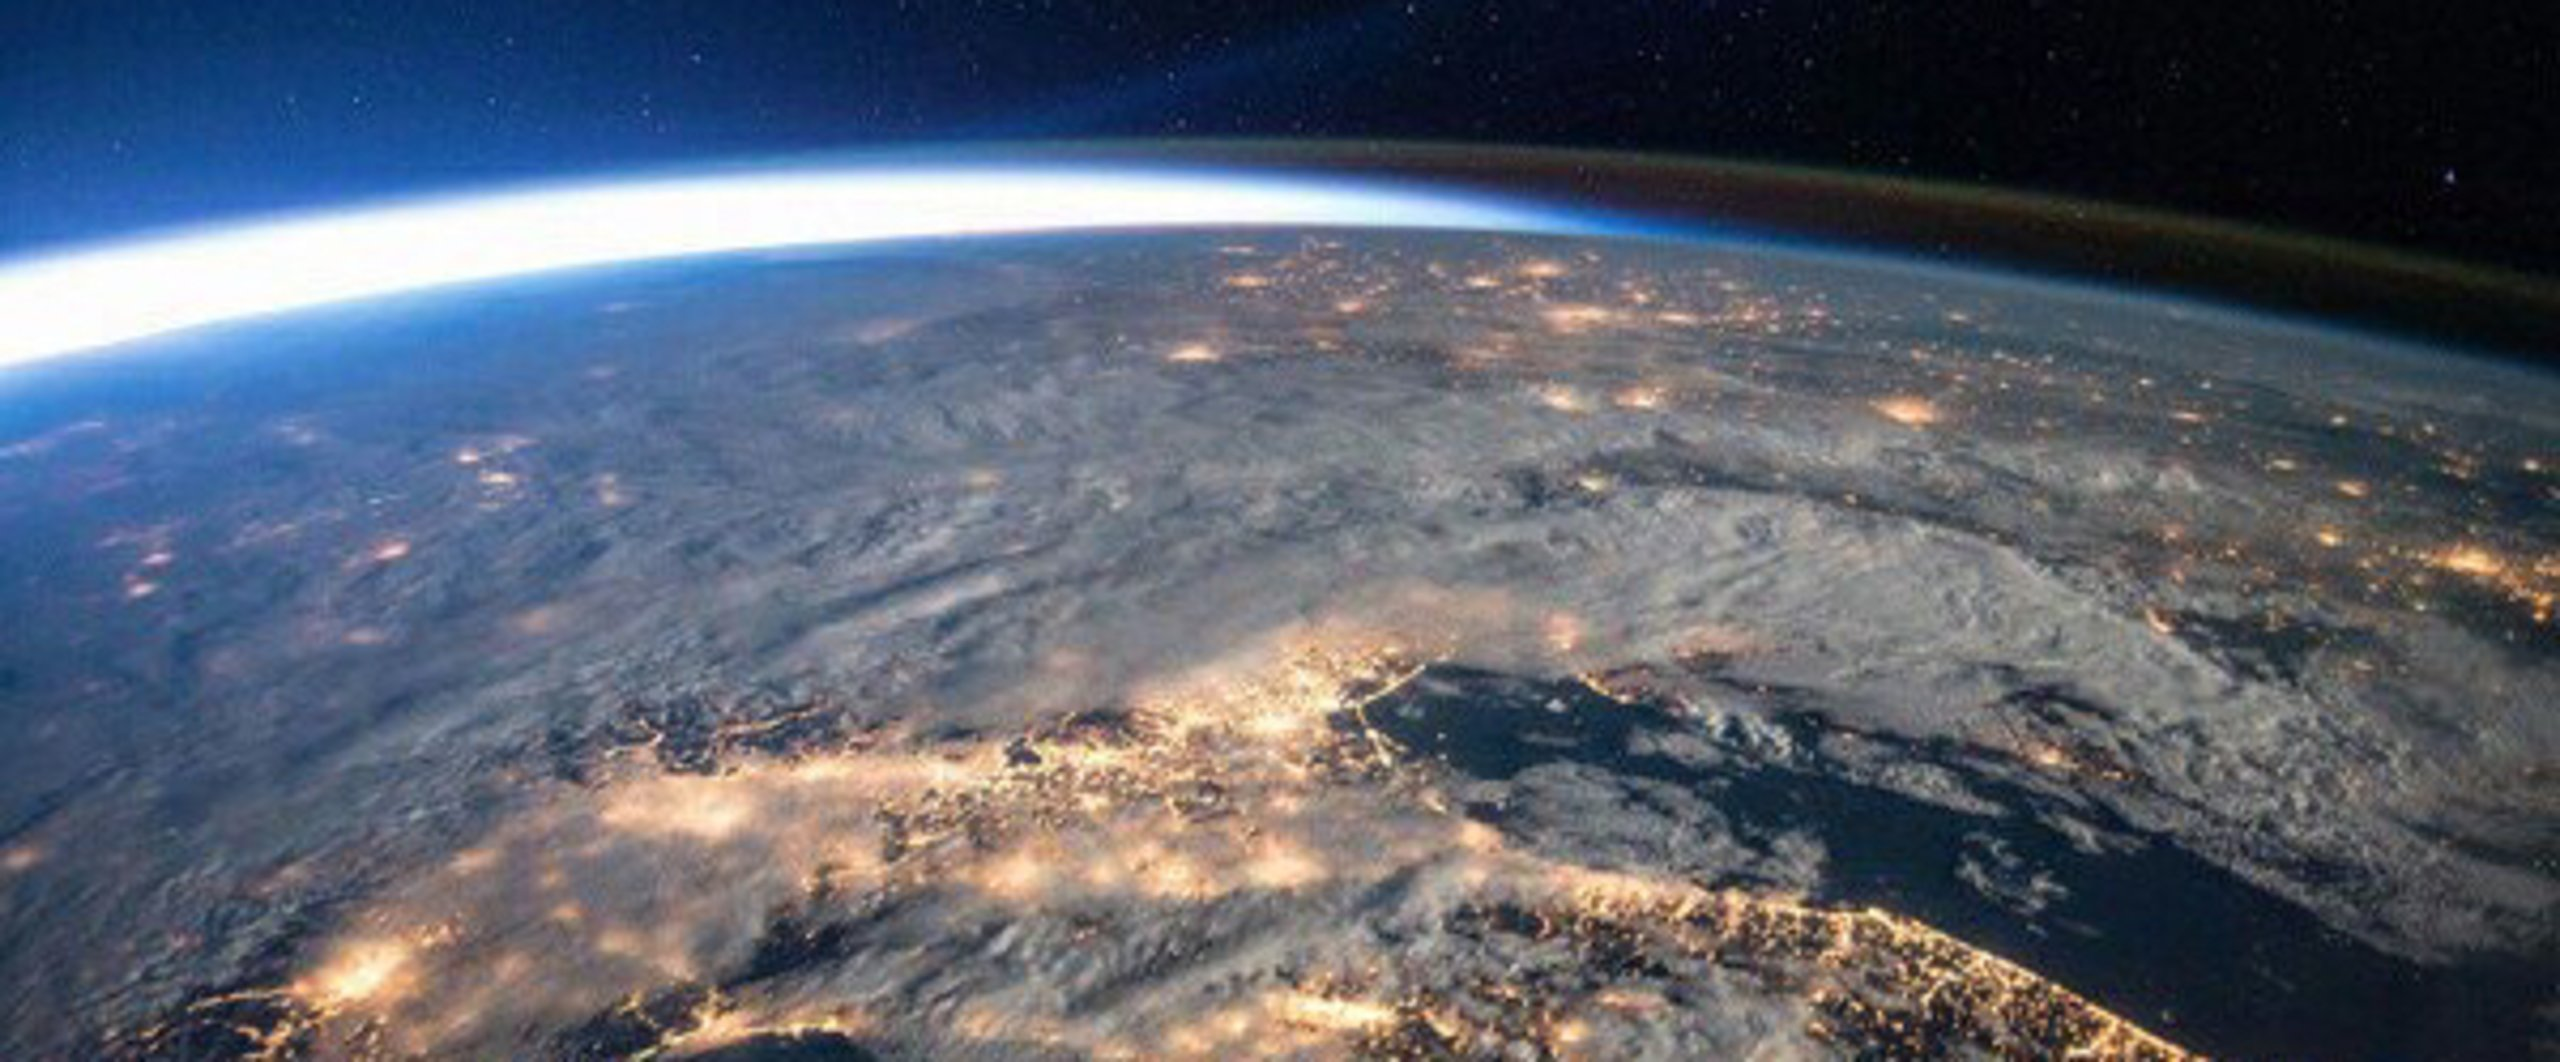 earth orbit video - HD1200×798